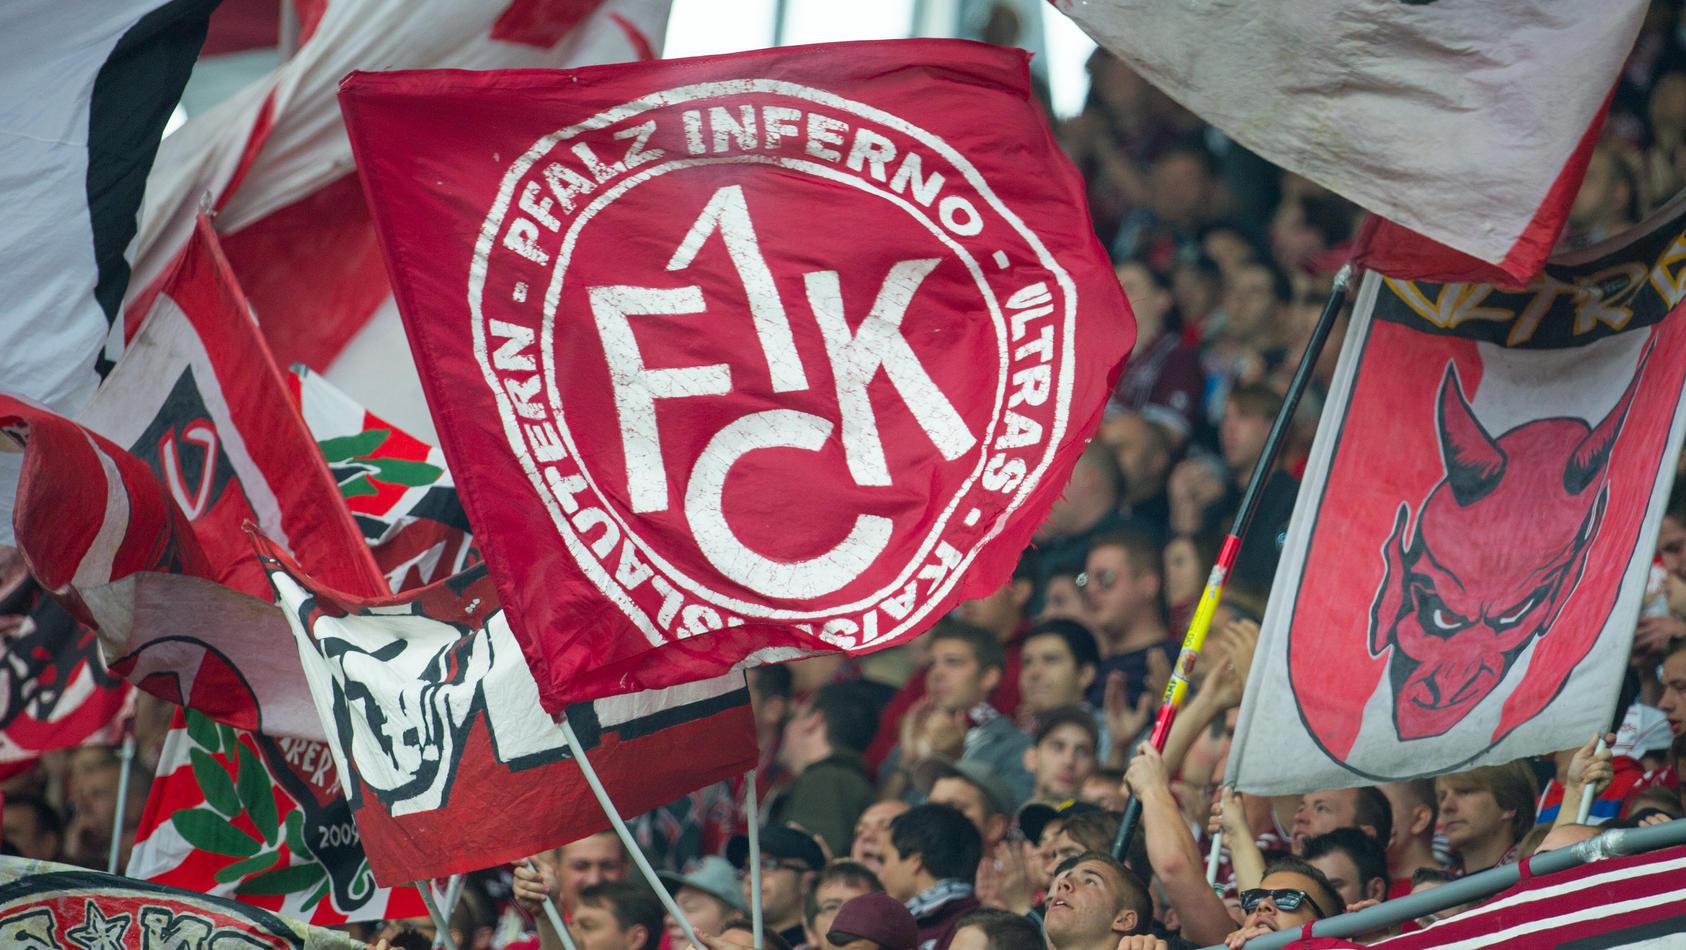 1. FC Kaiserslautern - Fans